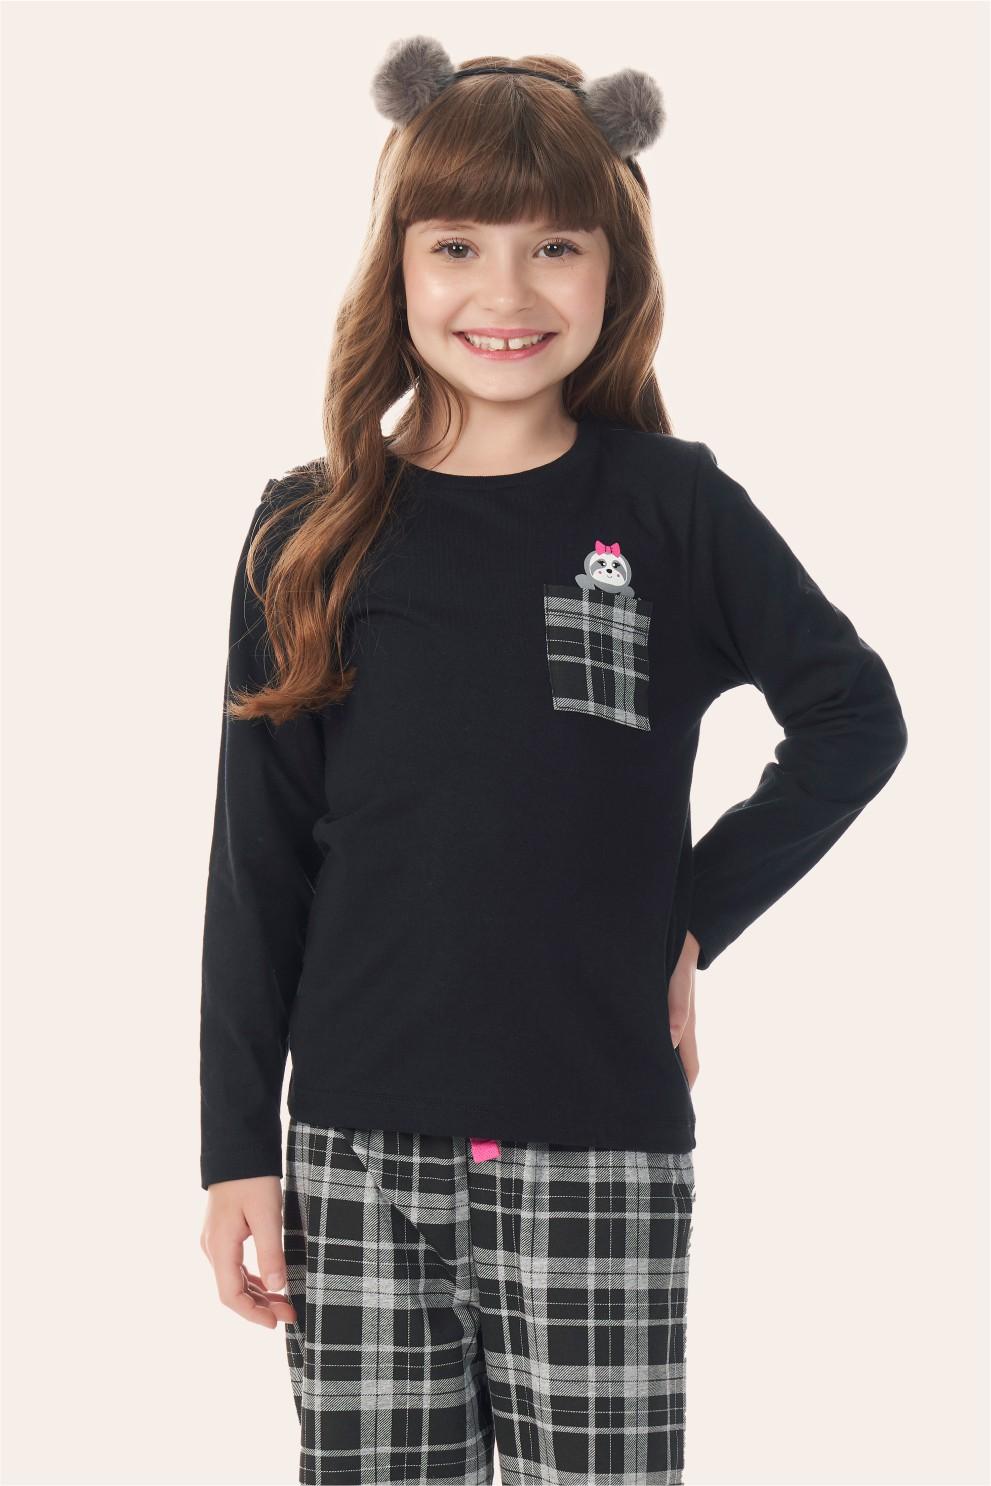 002/C - Pijama Infantil Feminino Xadrez Preto